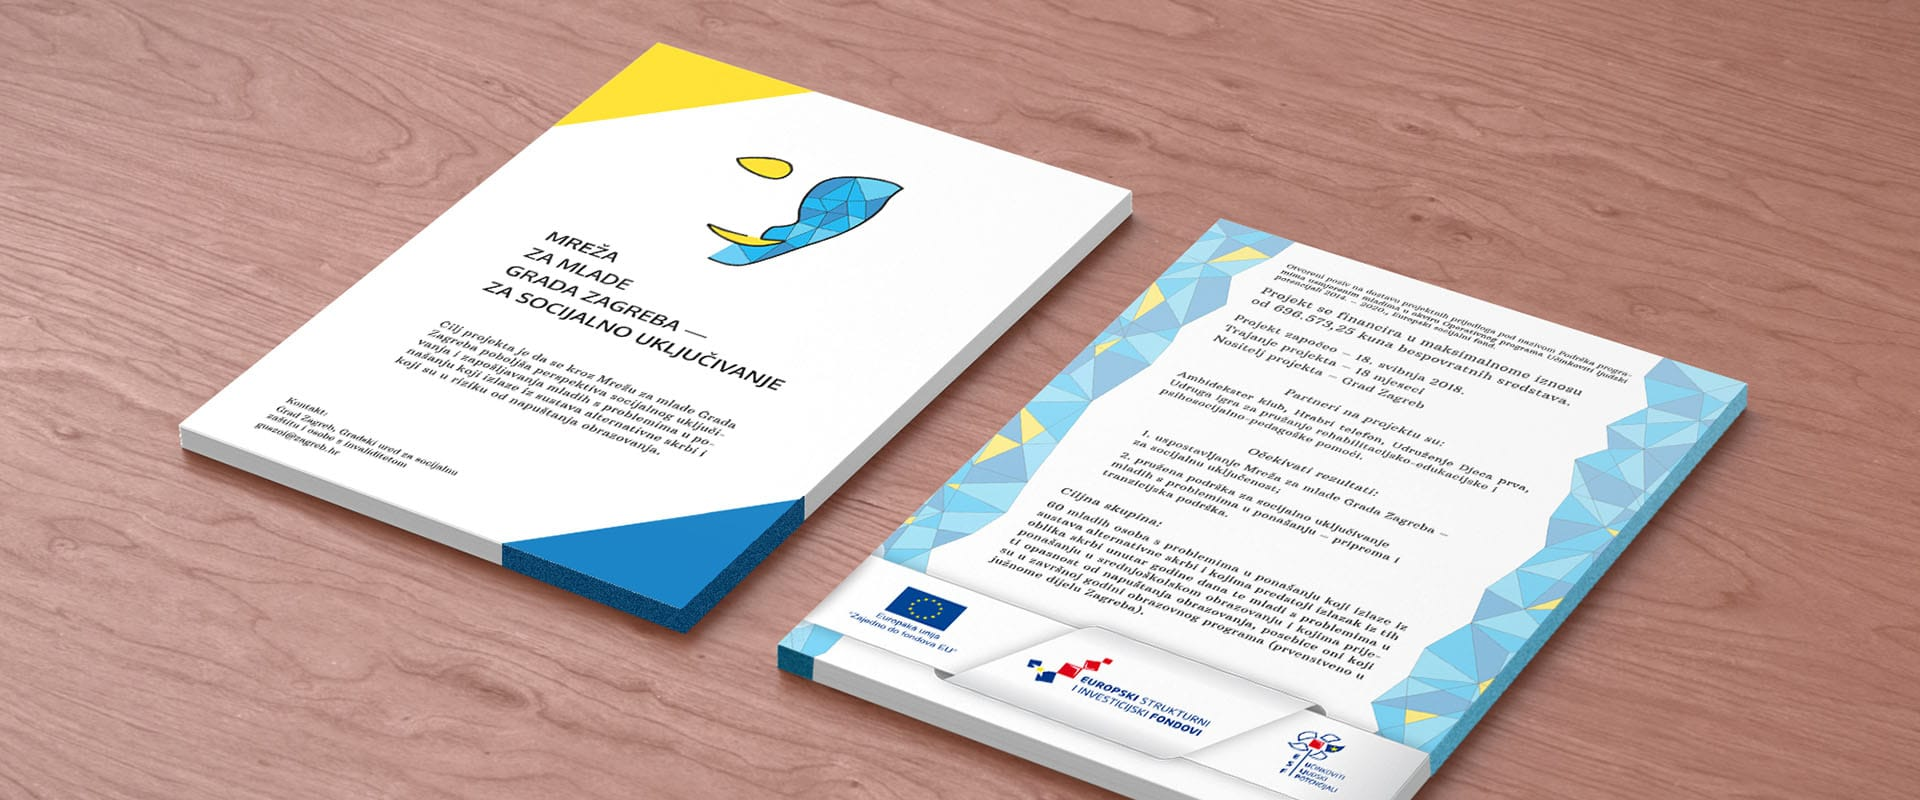 Projektna Produkcija - Usluge - Branding i grafički dizajn